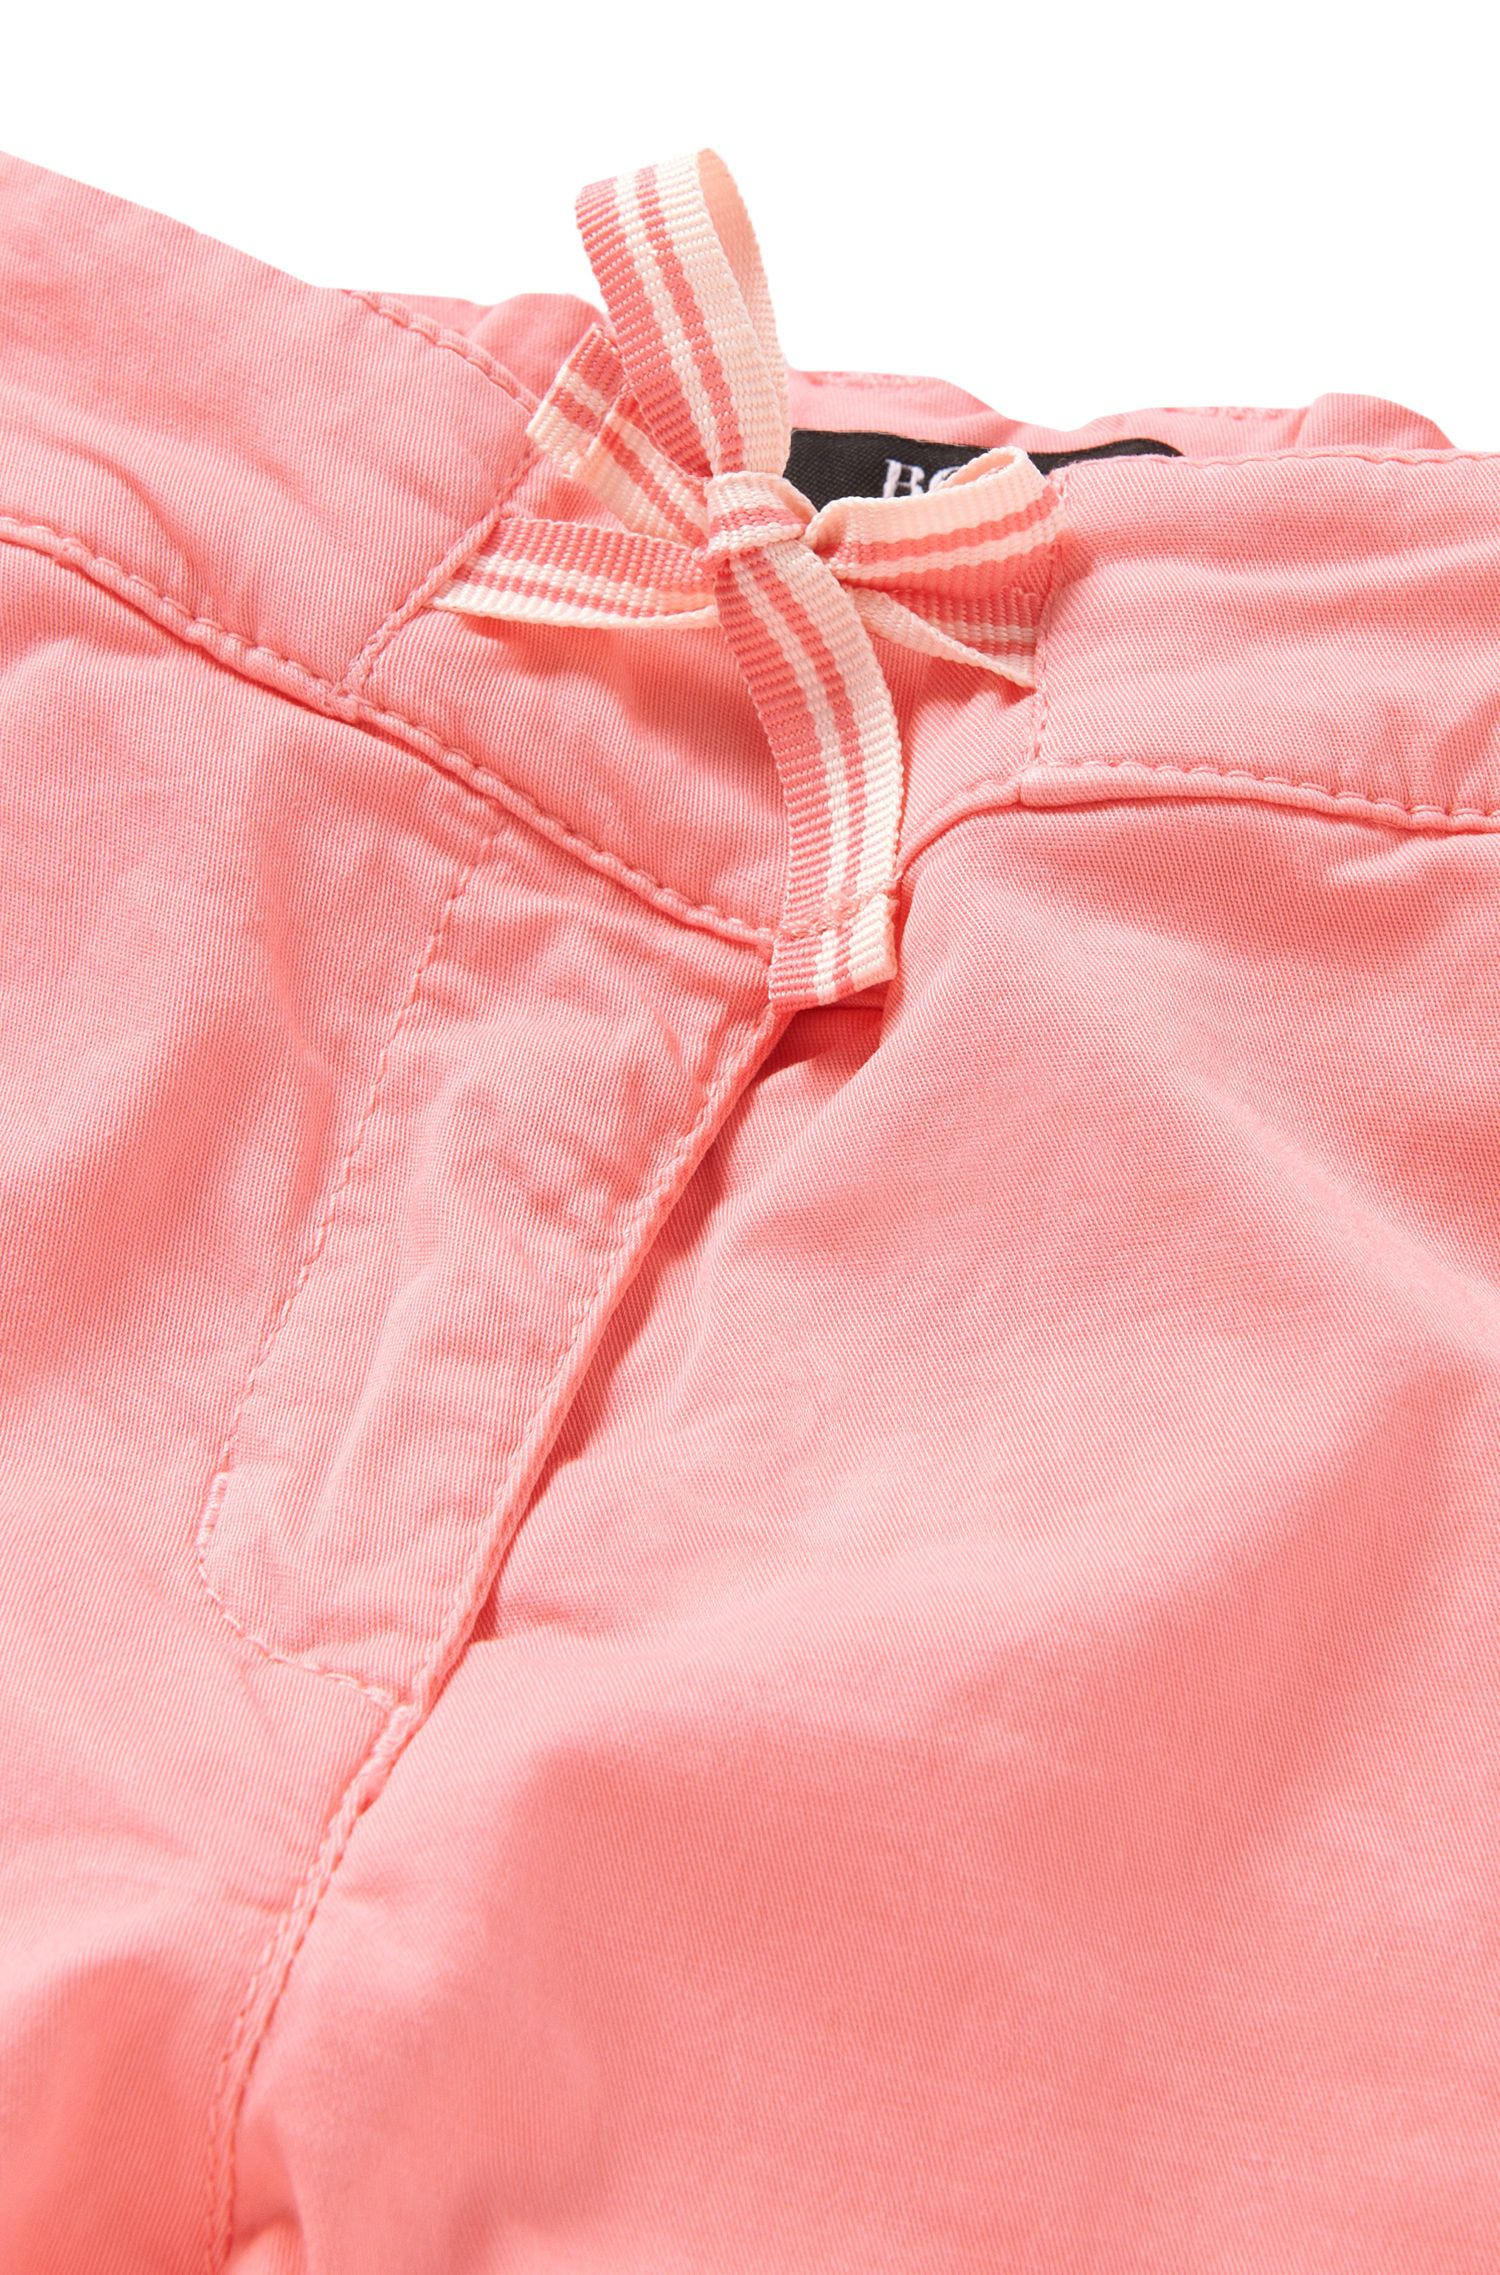 Pantalon pour bébé en coton stretch avec cordon à nouer décoratif: «J04232»